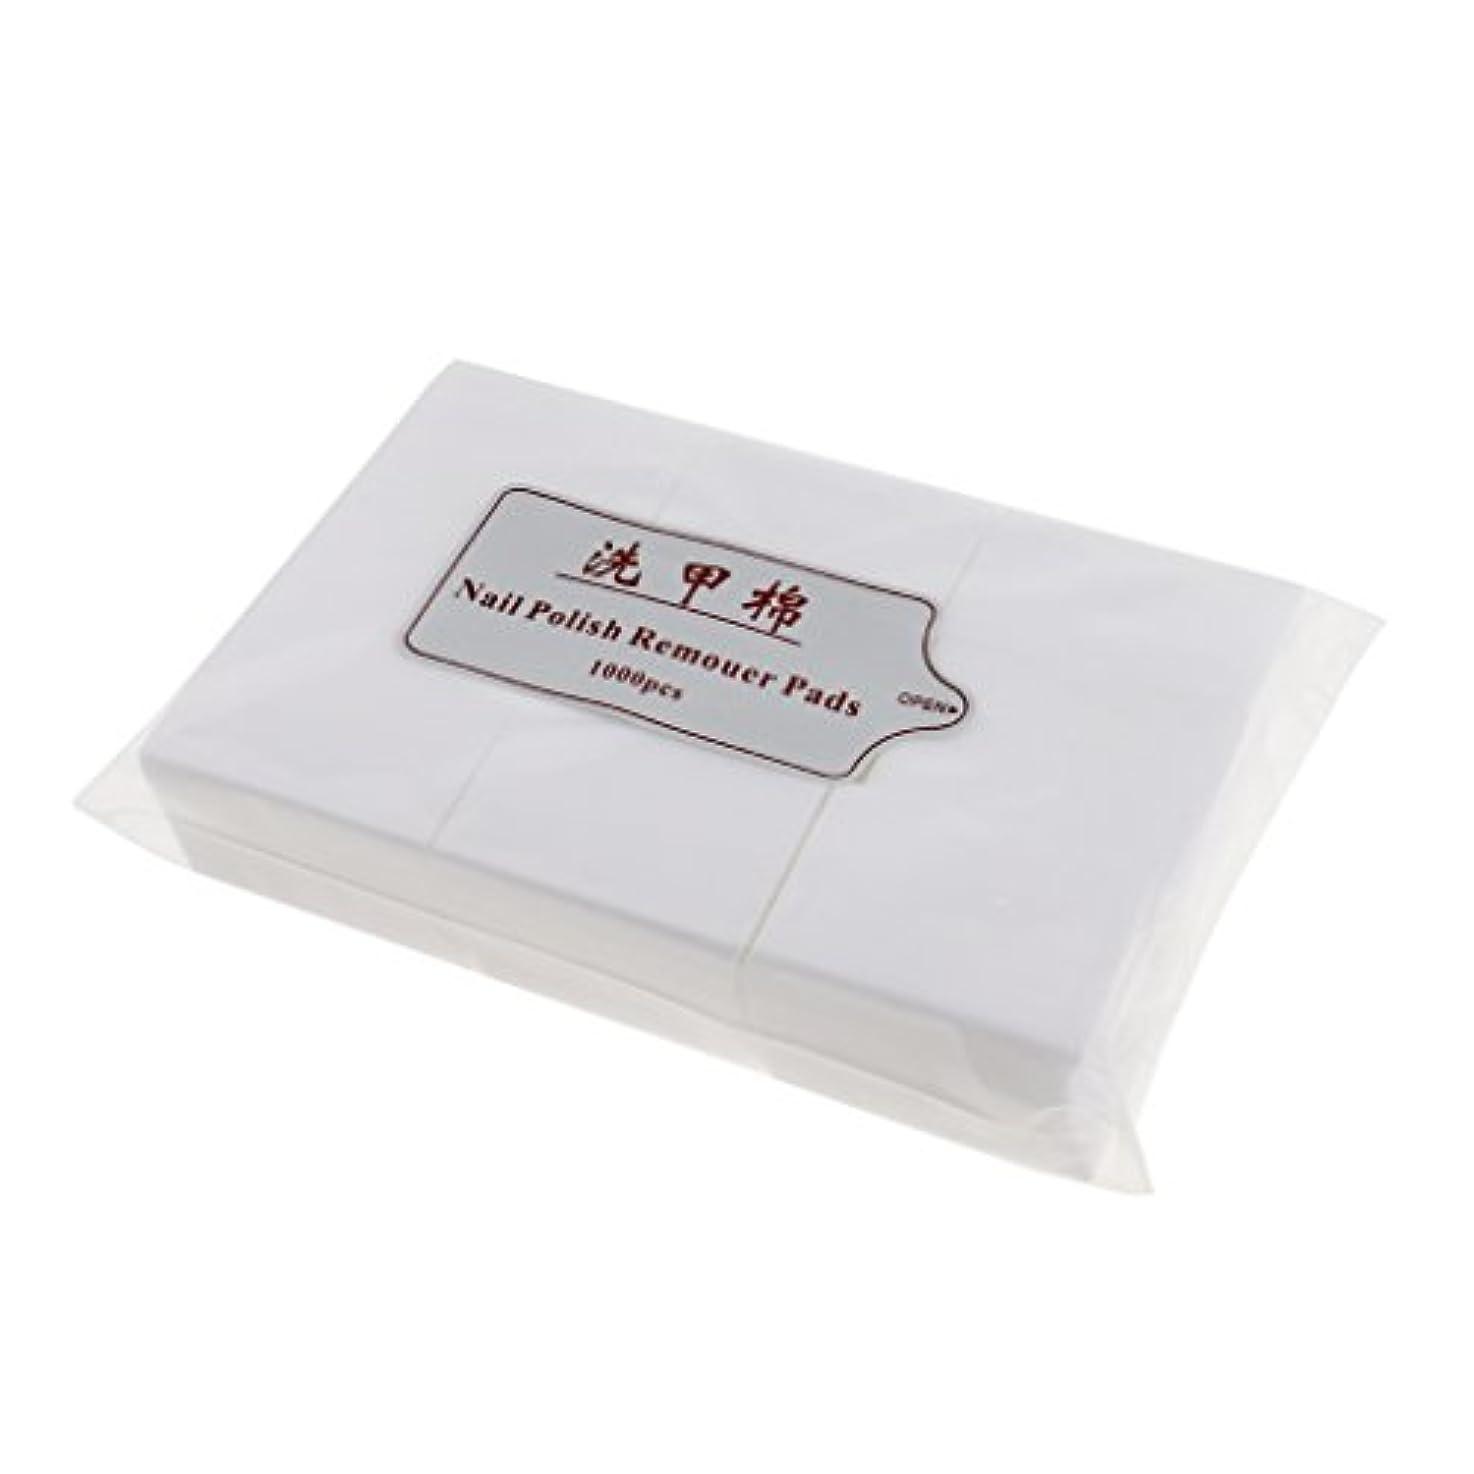 薬剤師フォーマル光沢のあるPerfk 約1000個 ネイルコットンパッド ネイルアートチップ パッド紙 マニキュア 吸水性 衛生的 ネイルサロン